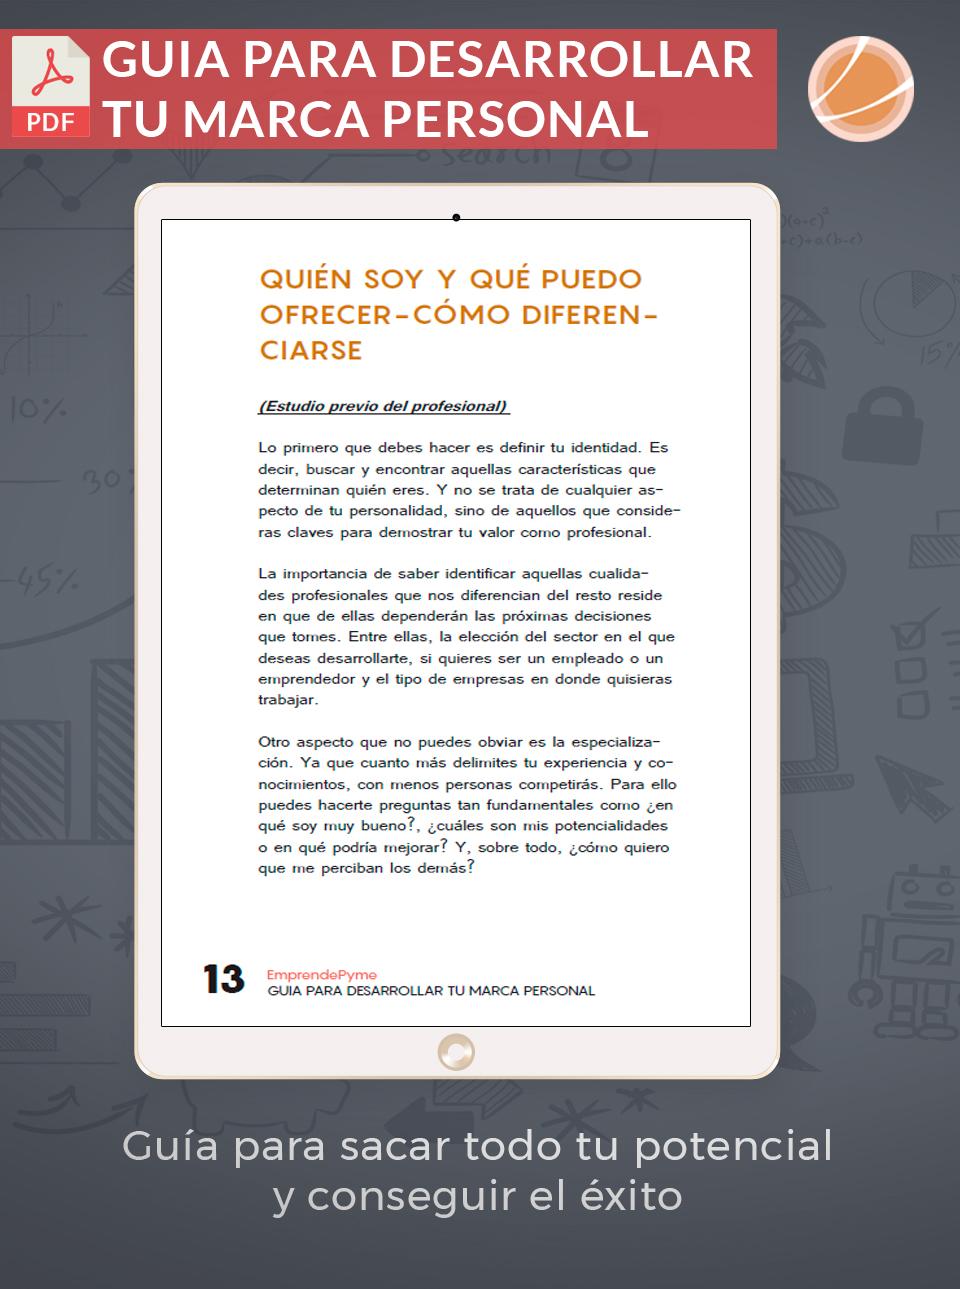 Manual de marca personal pdf